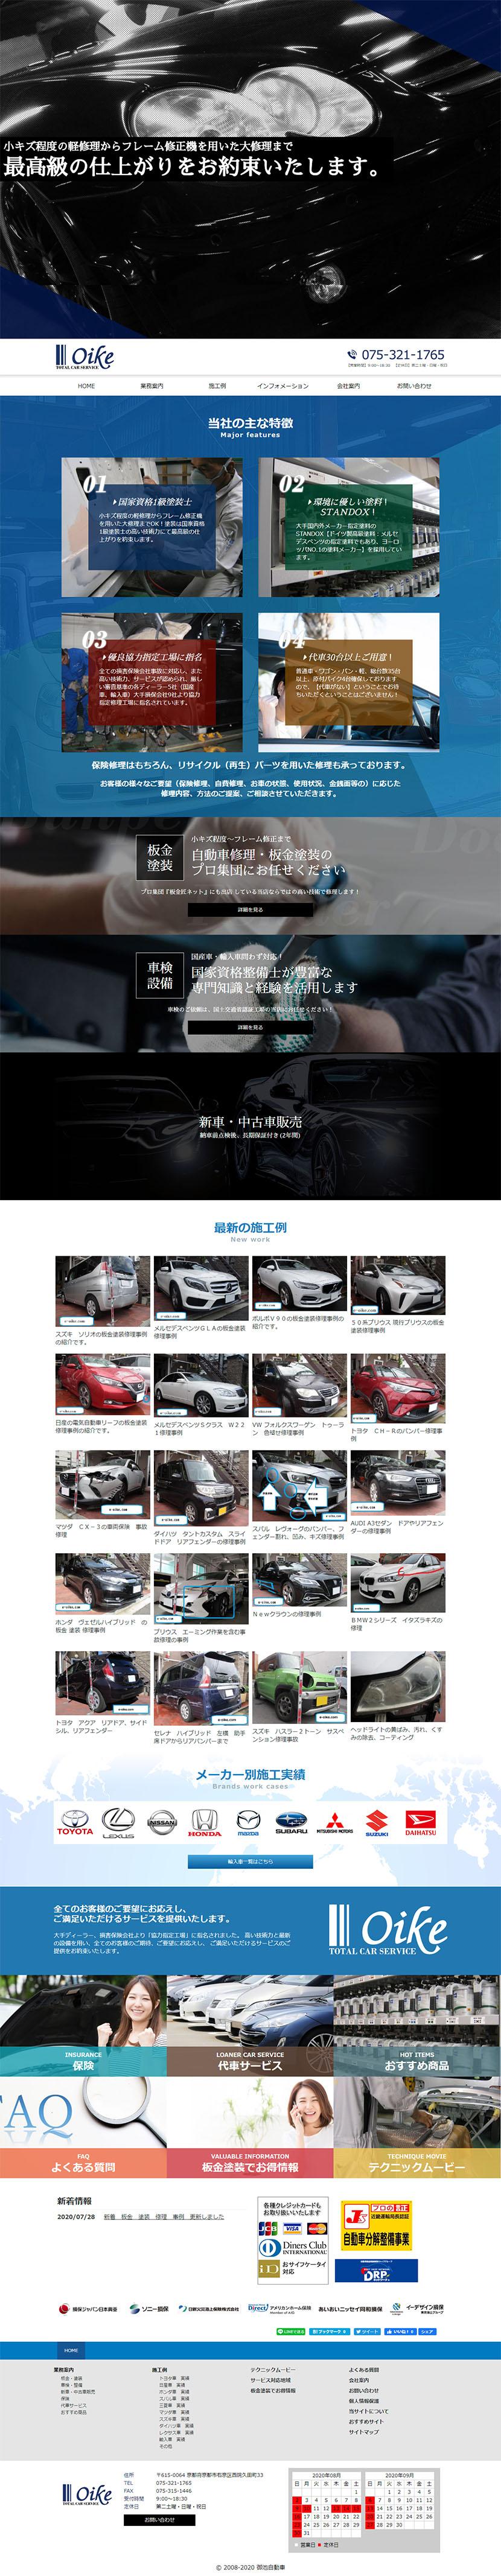 御池自動車 株式会社 PC表示